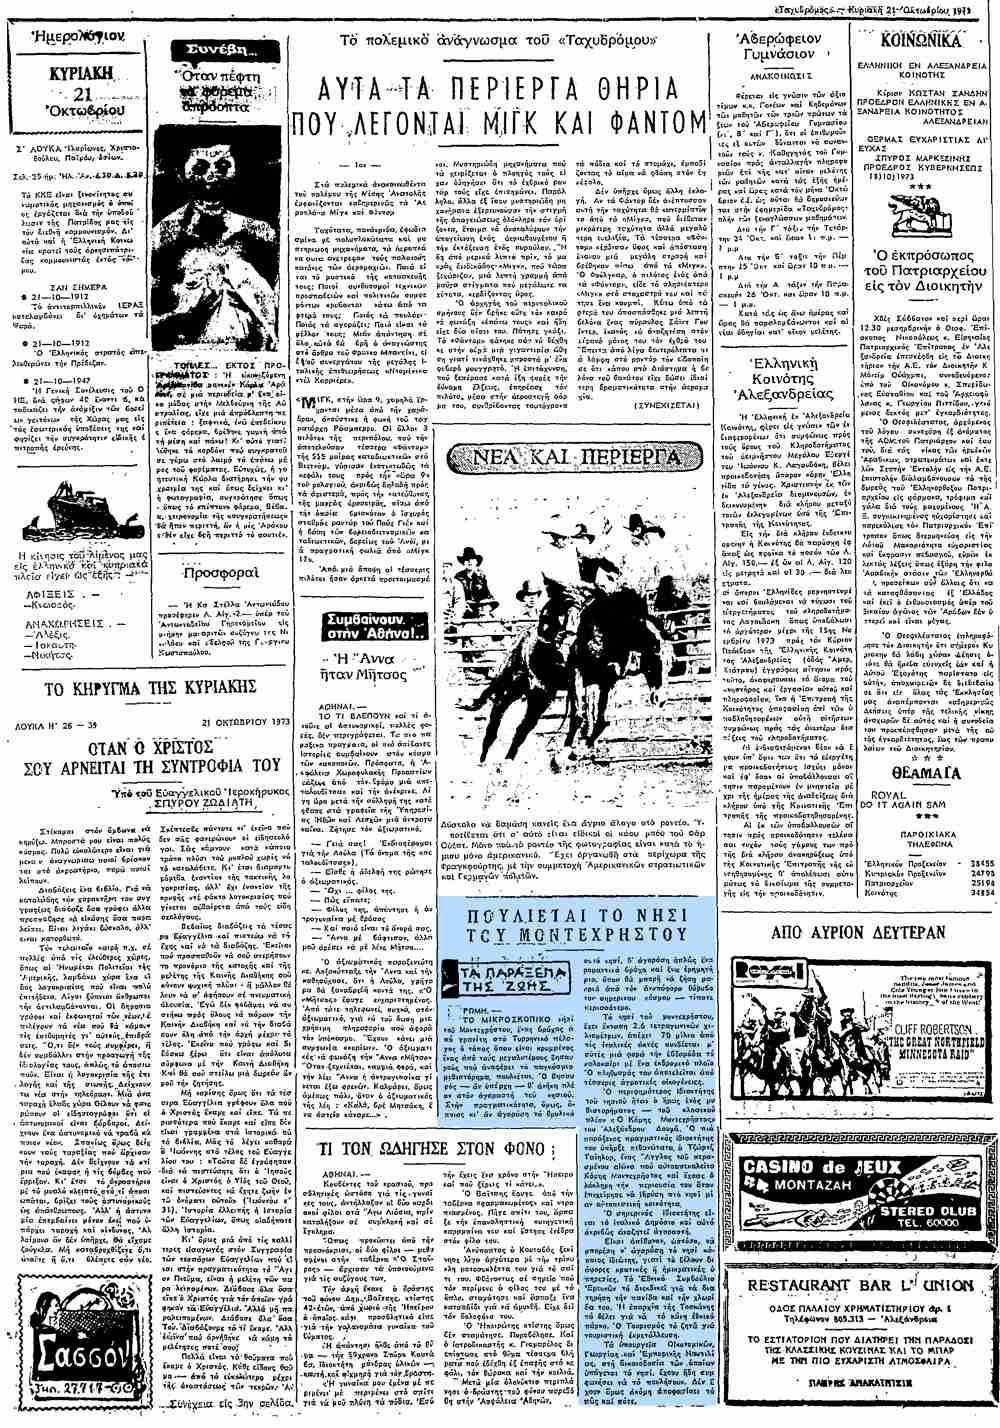 """Το άρθρο, όπως δημοσιεύθηκε στην εφημερίδα """"ΤΑΧΥΔΡΟΜΟΣ"""", στις 21/10/1973"""